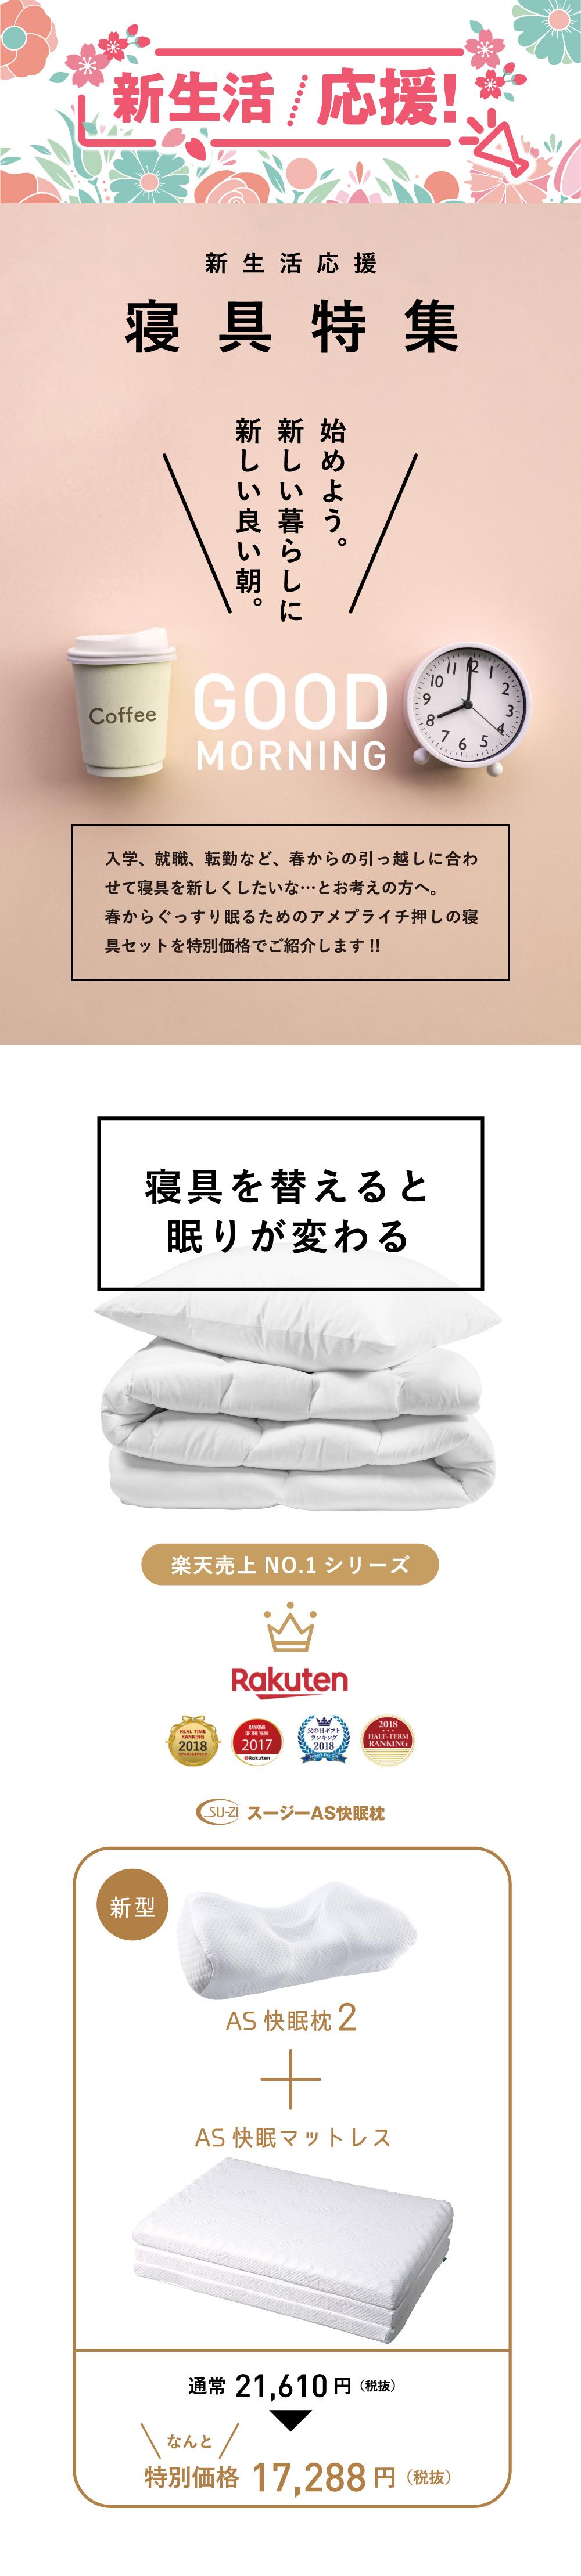 新生活応援!寝具特集 AS快眠枕2+マットレス